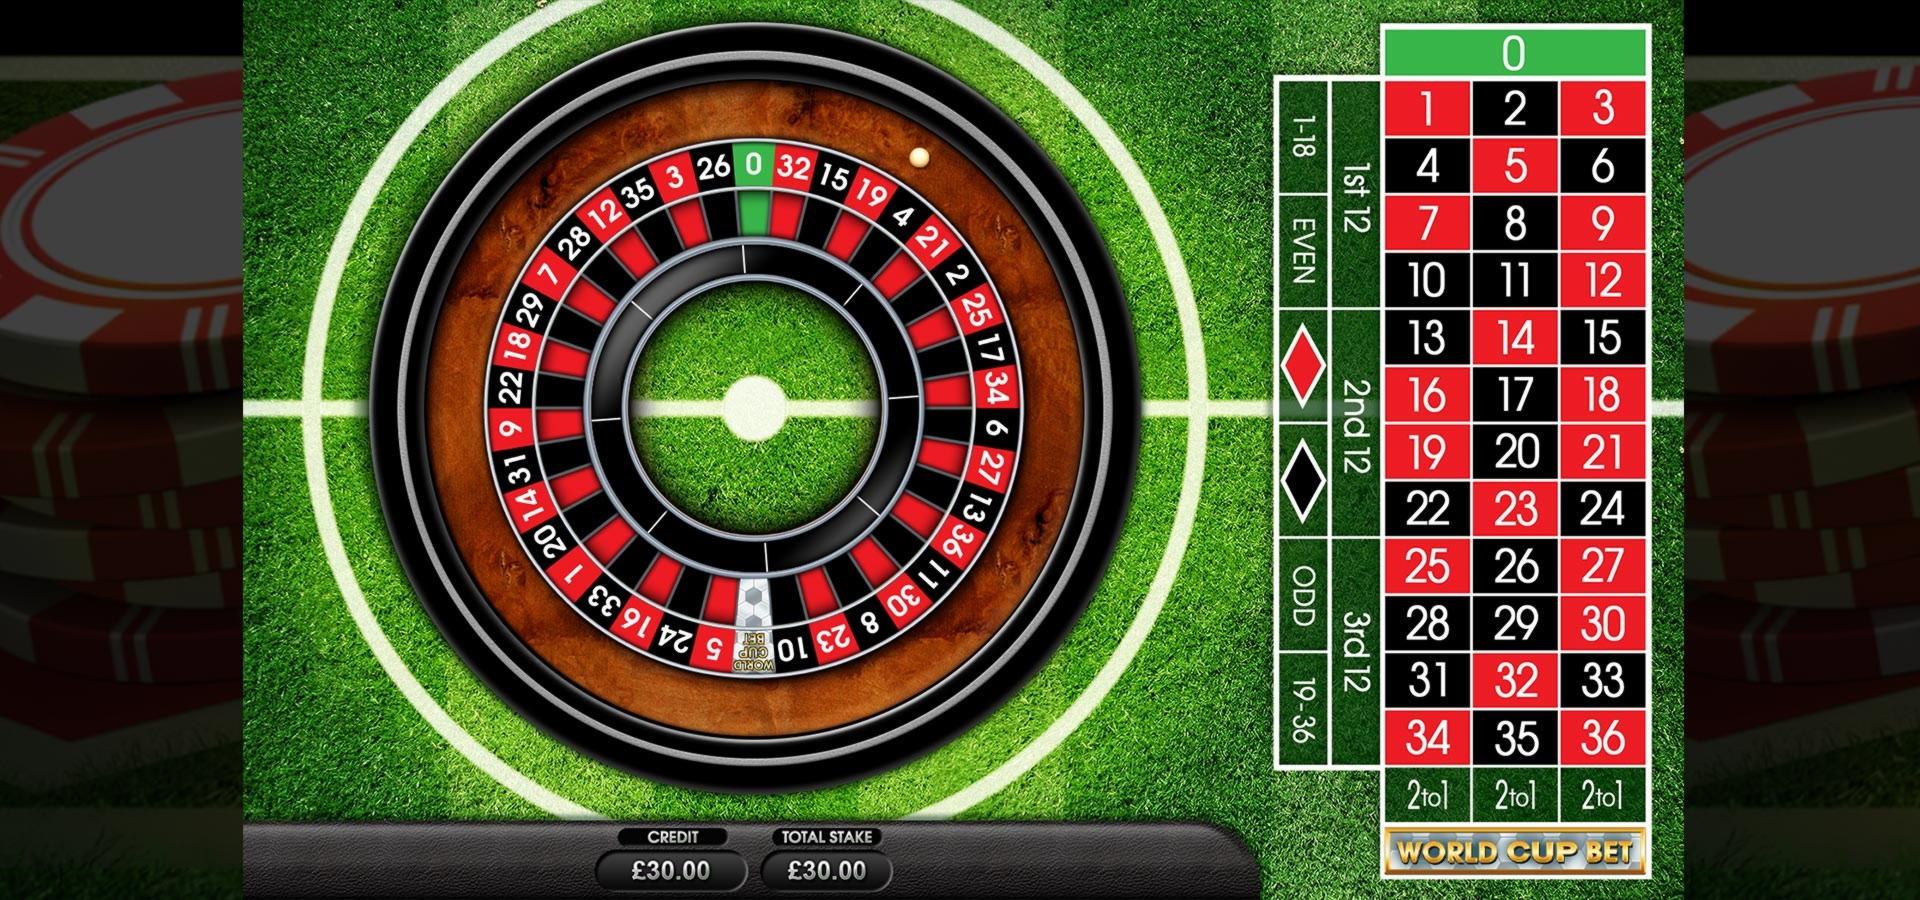 22 Free Spins no deposit casino at Royal Vegas Casino